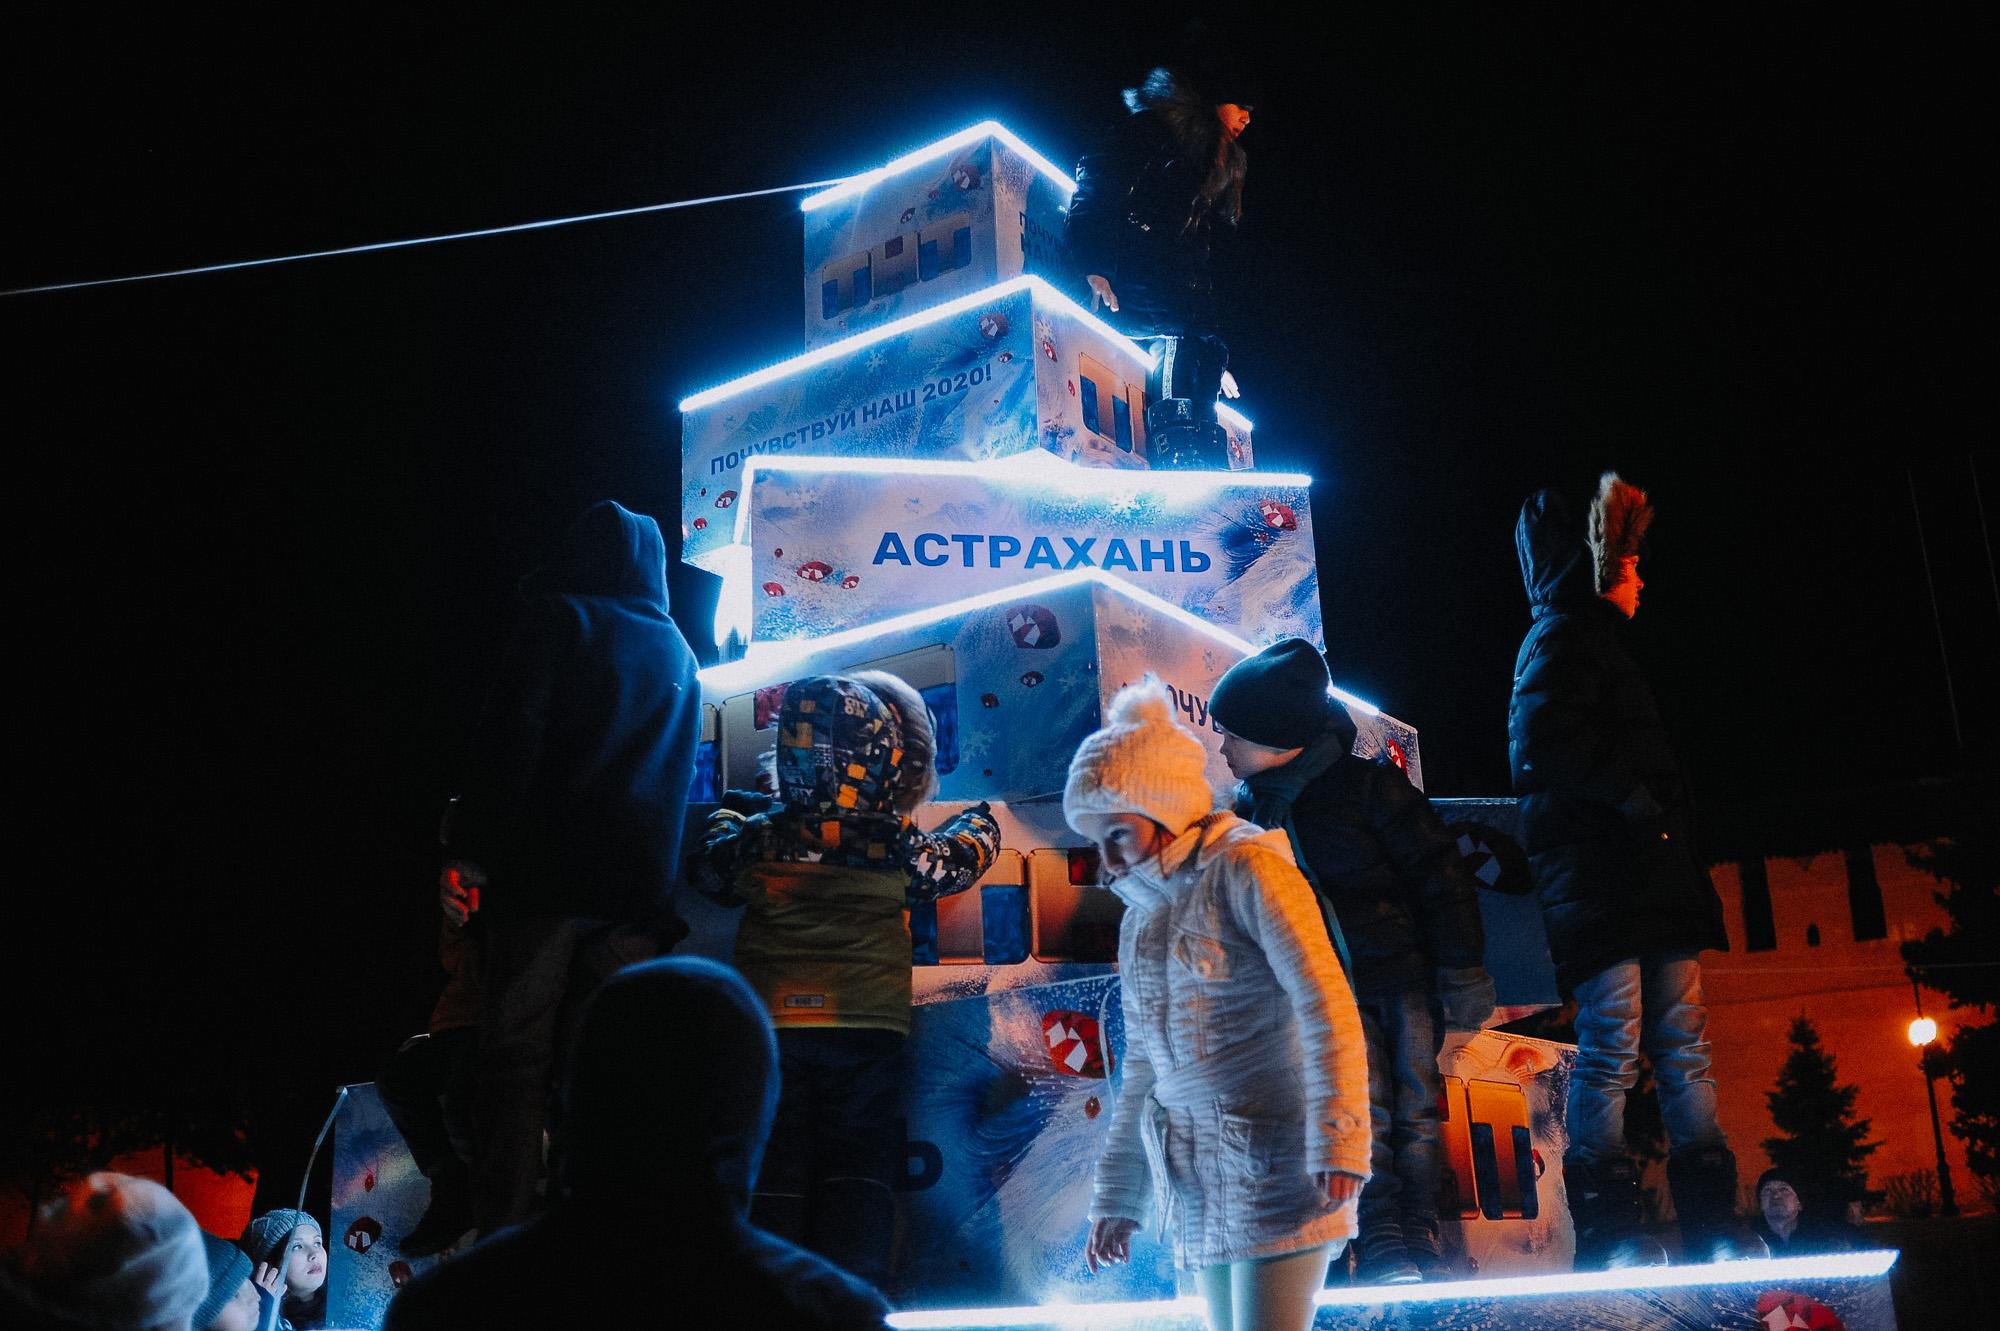 ZZZ 6852 В Астрахани на площади Ленина зажгли новогоднюю елку: кадры торжества